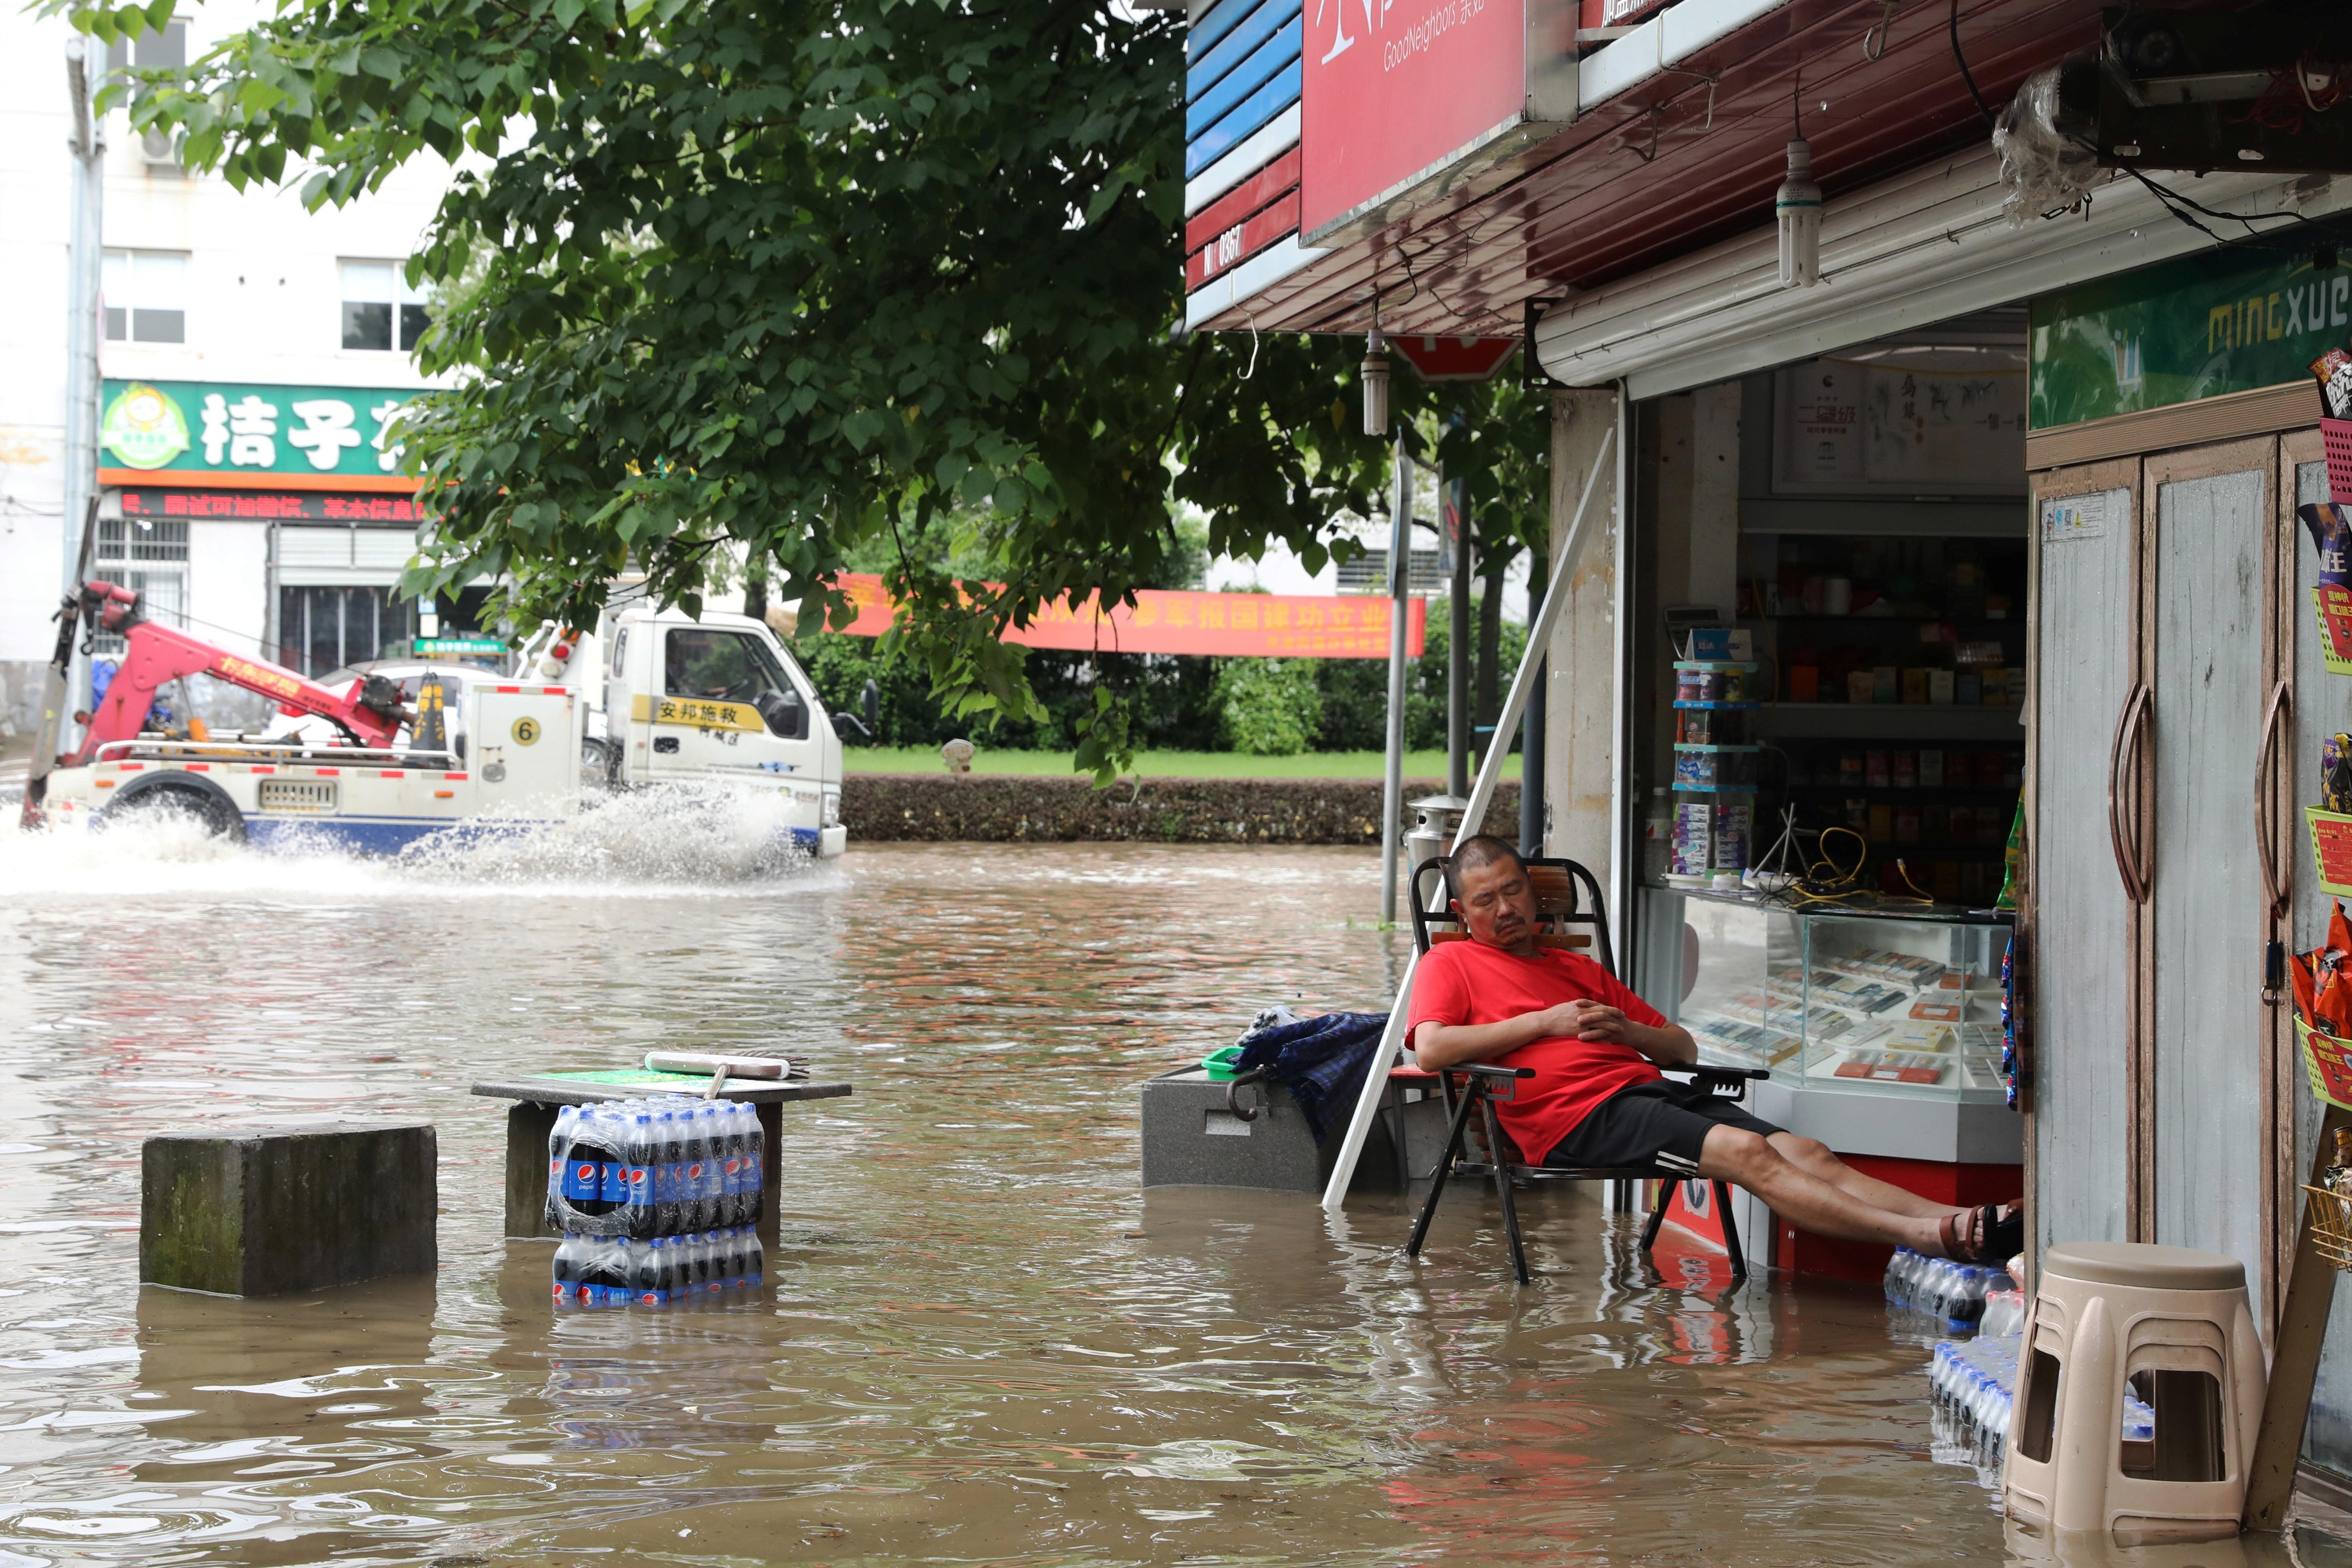 Chùm ảnh lũ lụt kinh hoàng ở Trung Quốc - 6